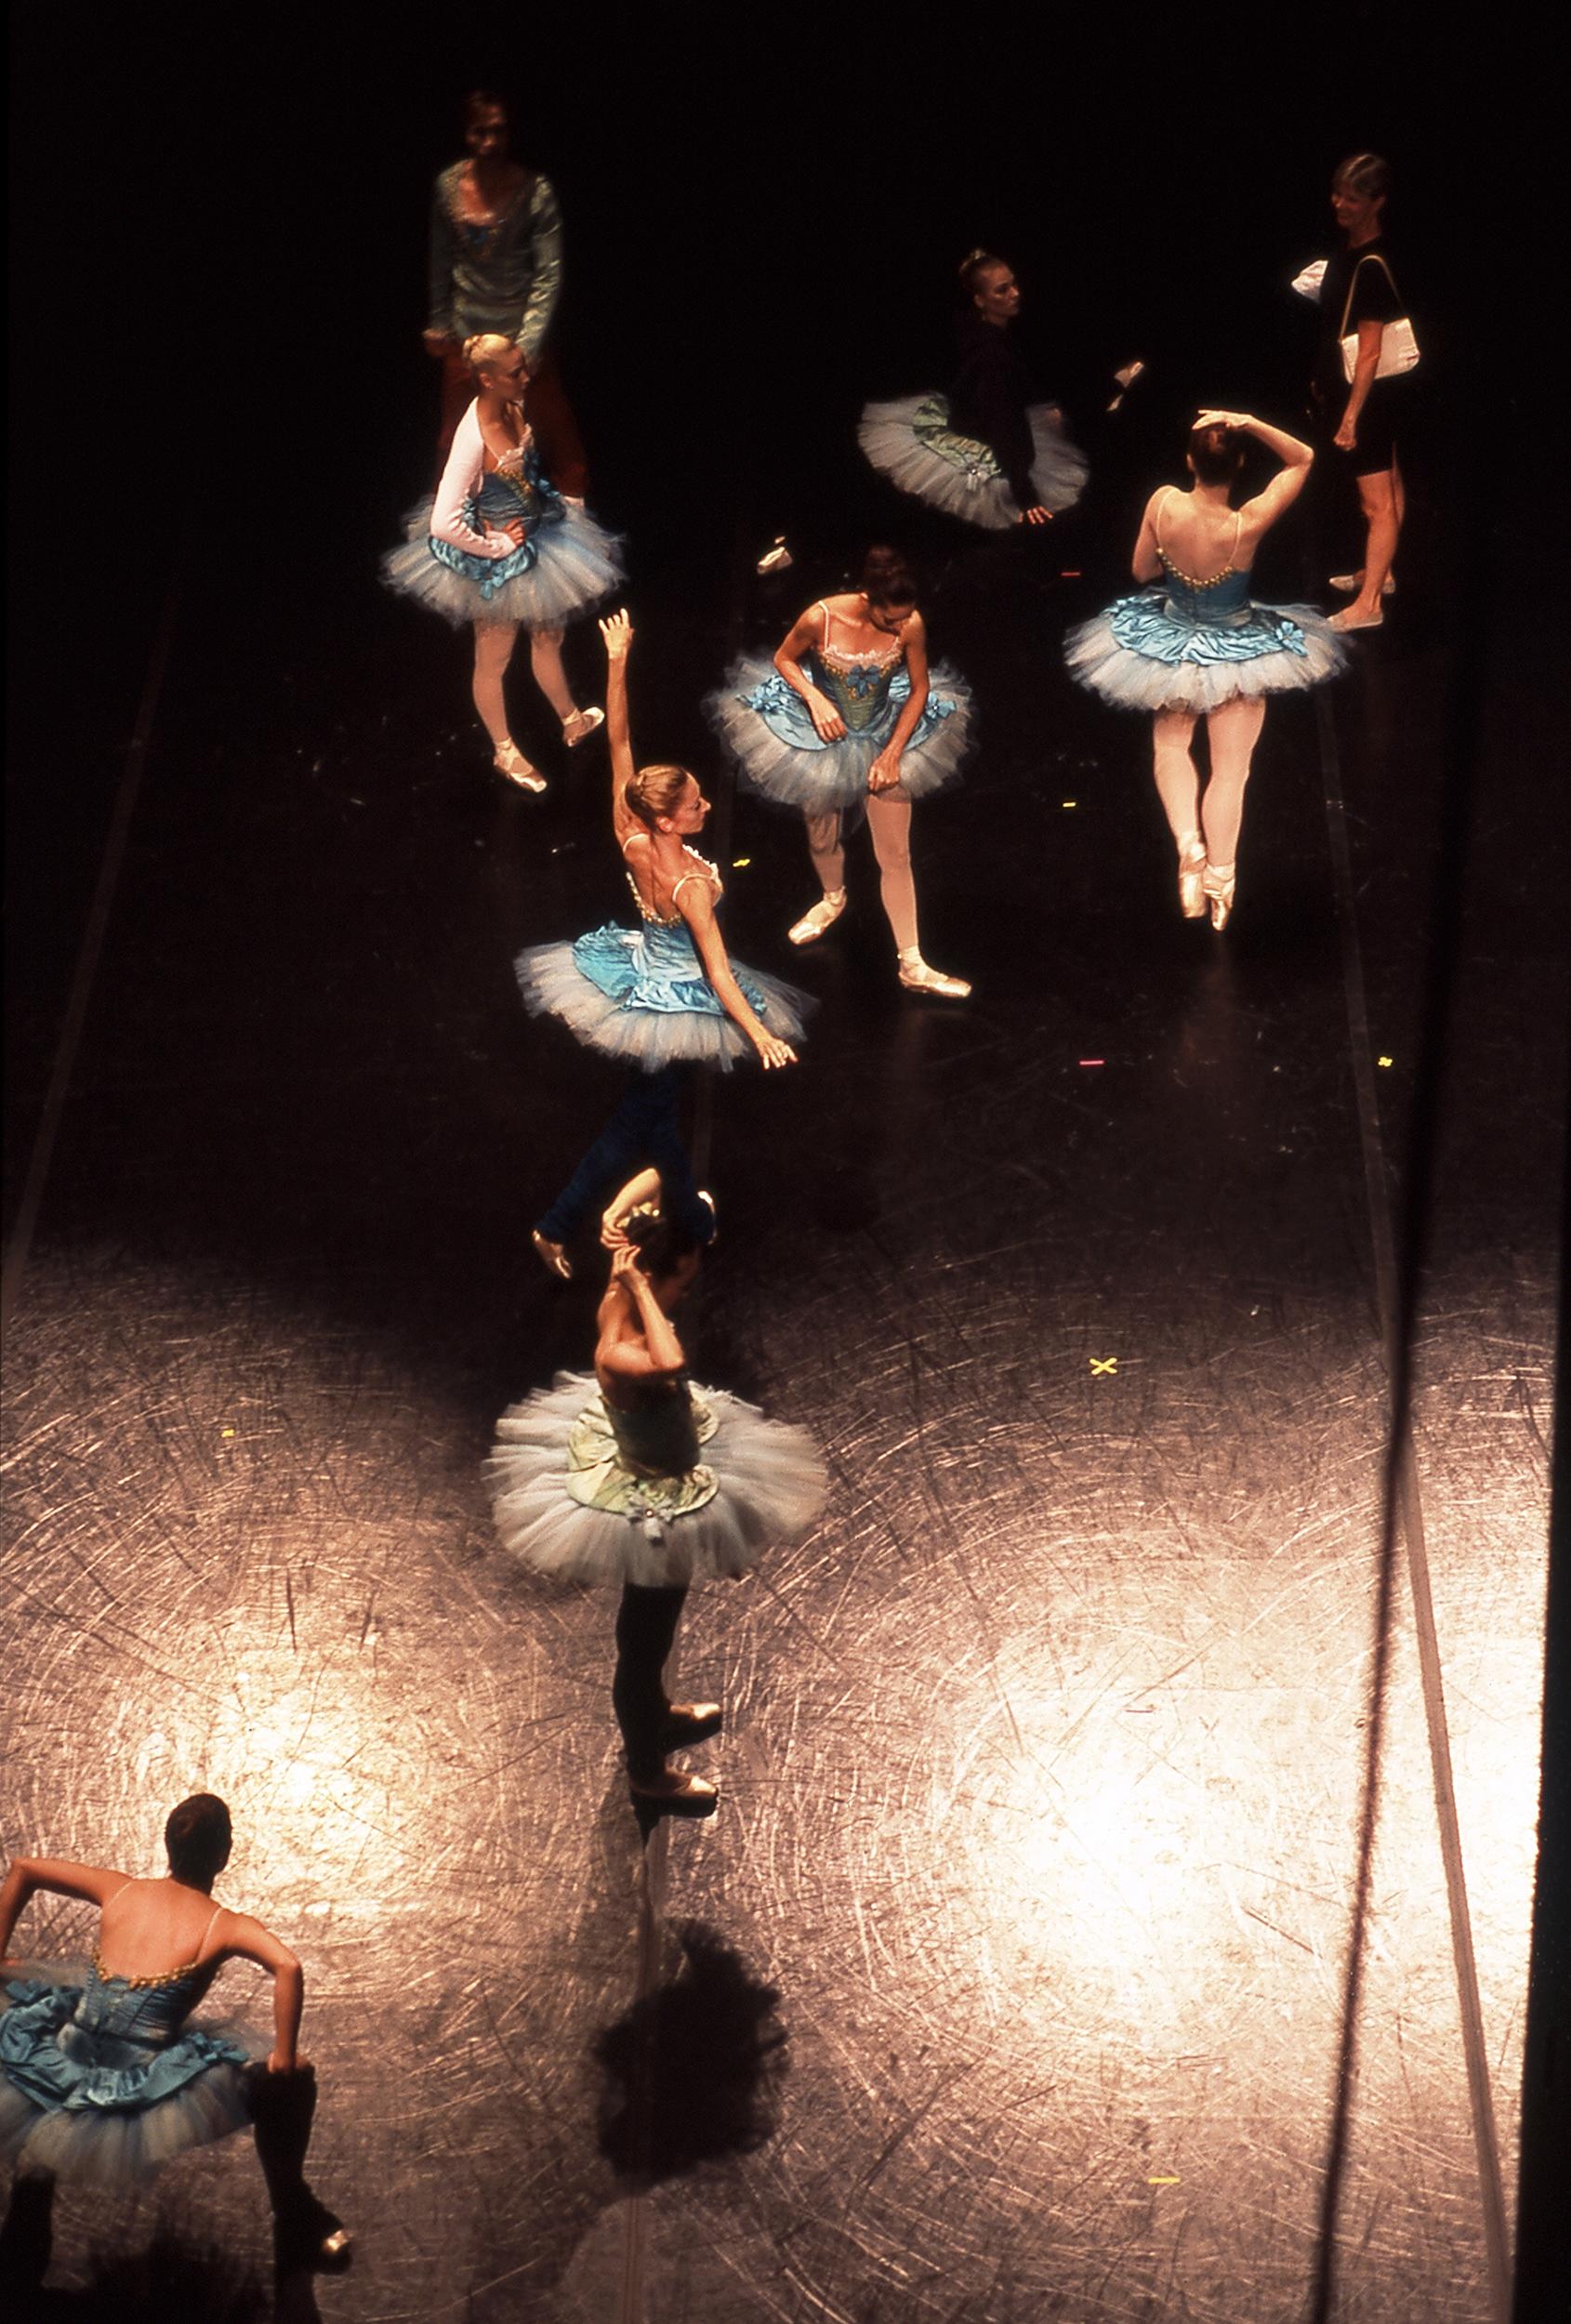 WEB_Ballet_Scene from above.jpg